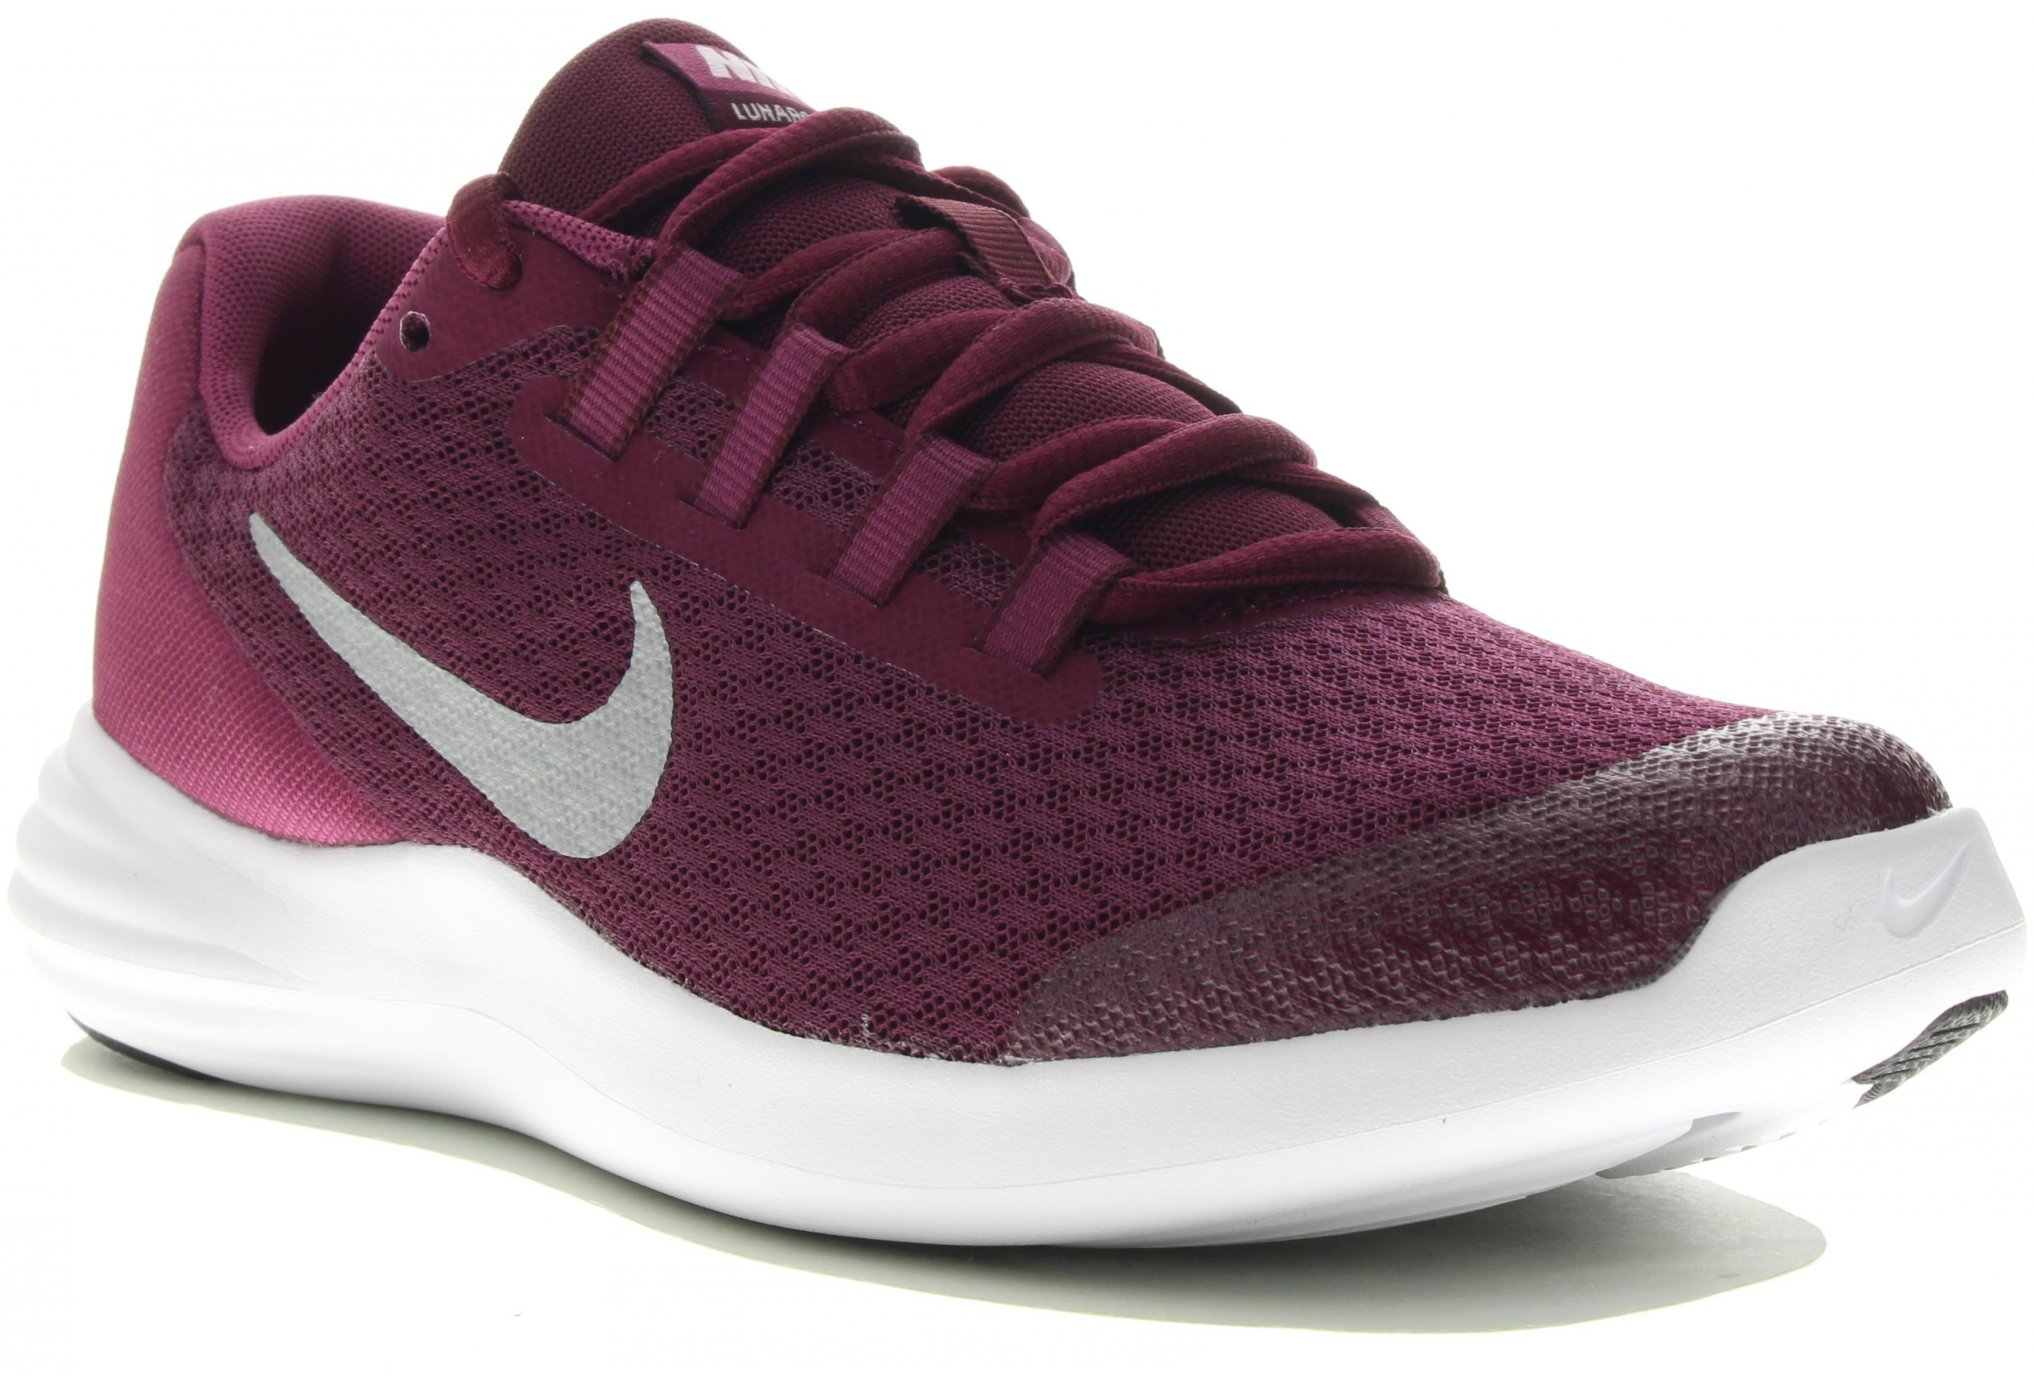 Nike lunarconverge gs chaussures running femme